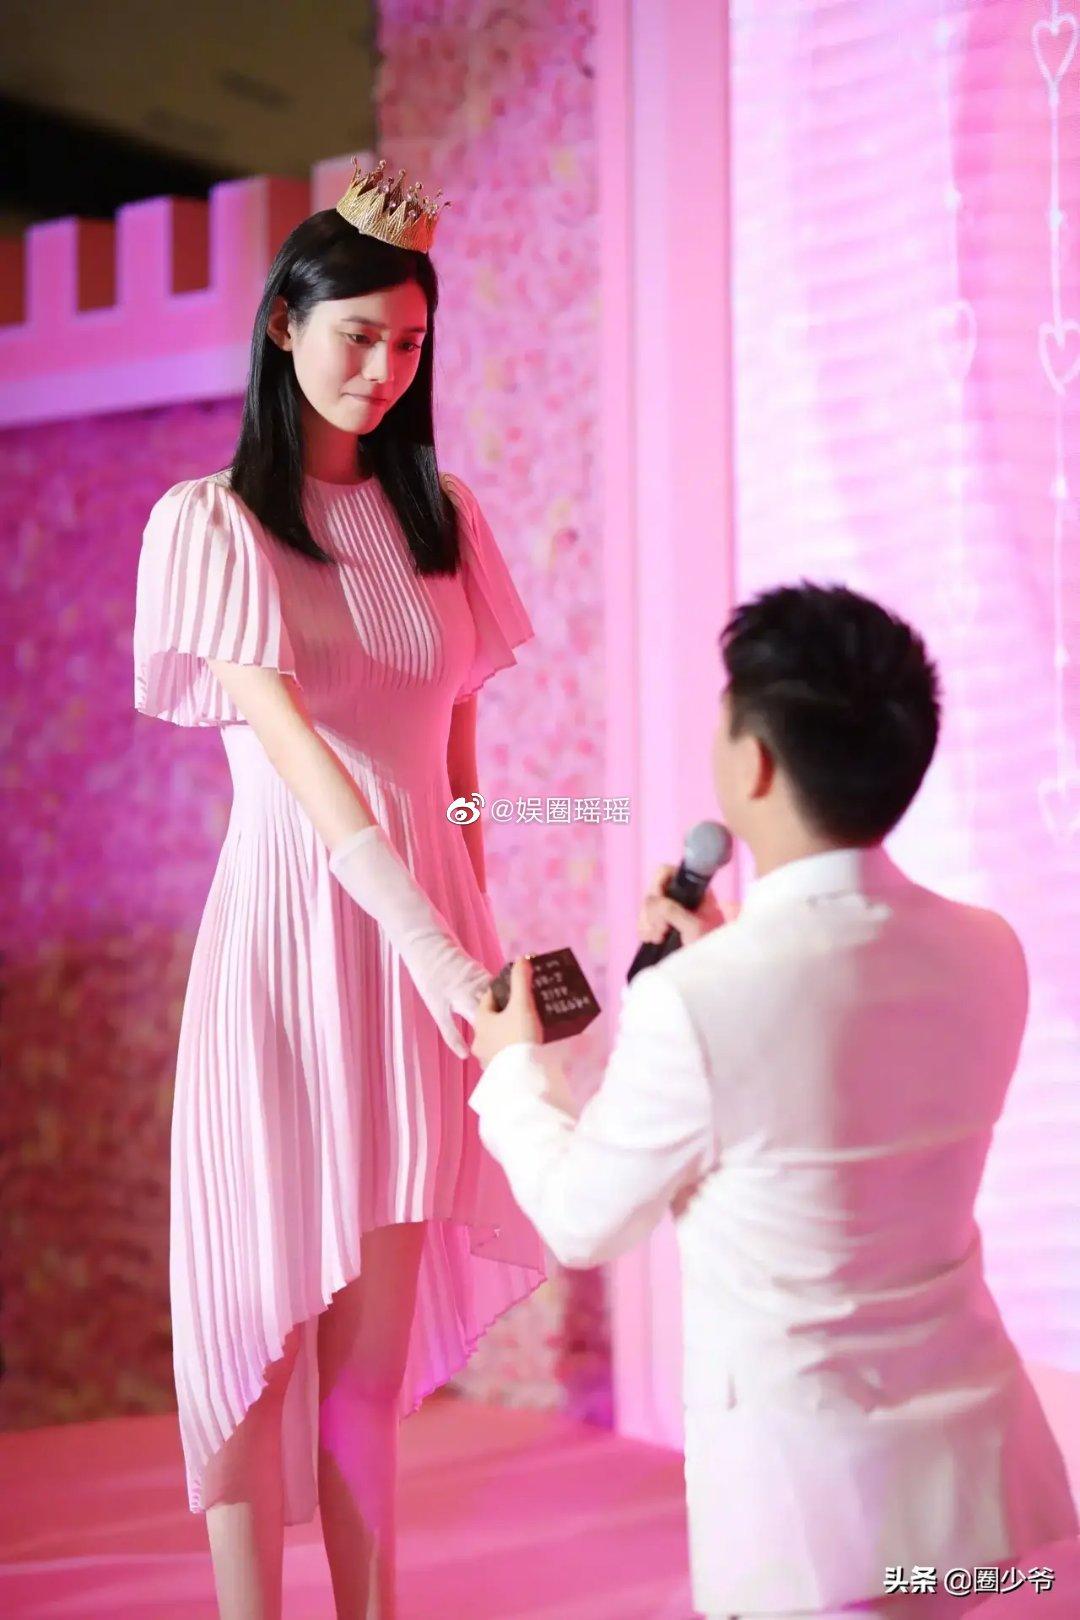 求婚也要找妈妈!赌王之子「不知戒指该戴哪」 老婆表情全拍下! - 收藏派